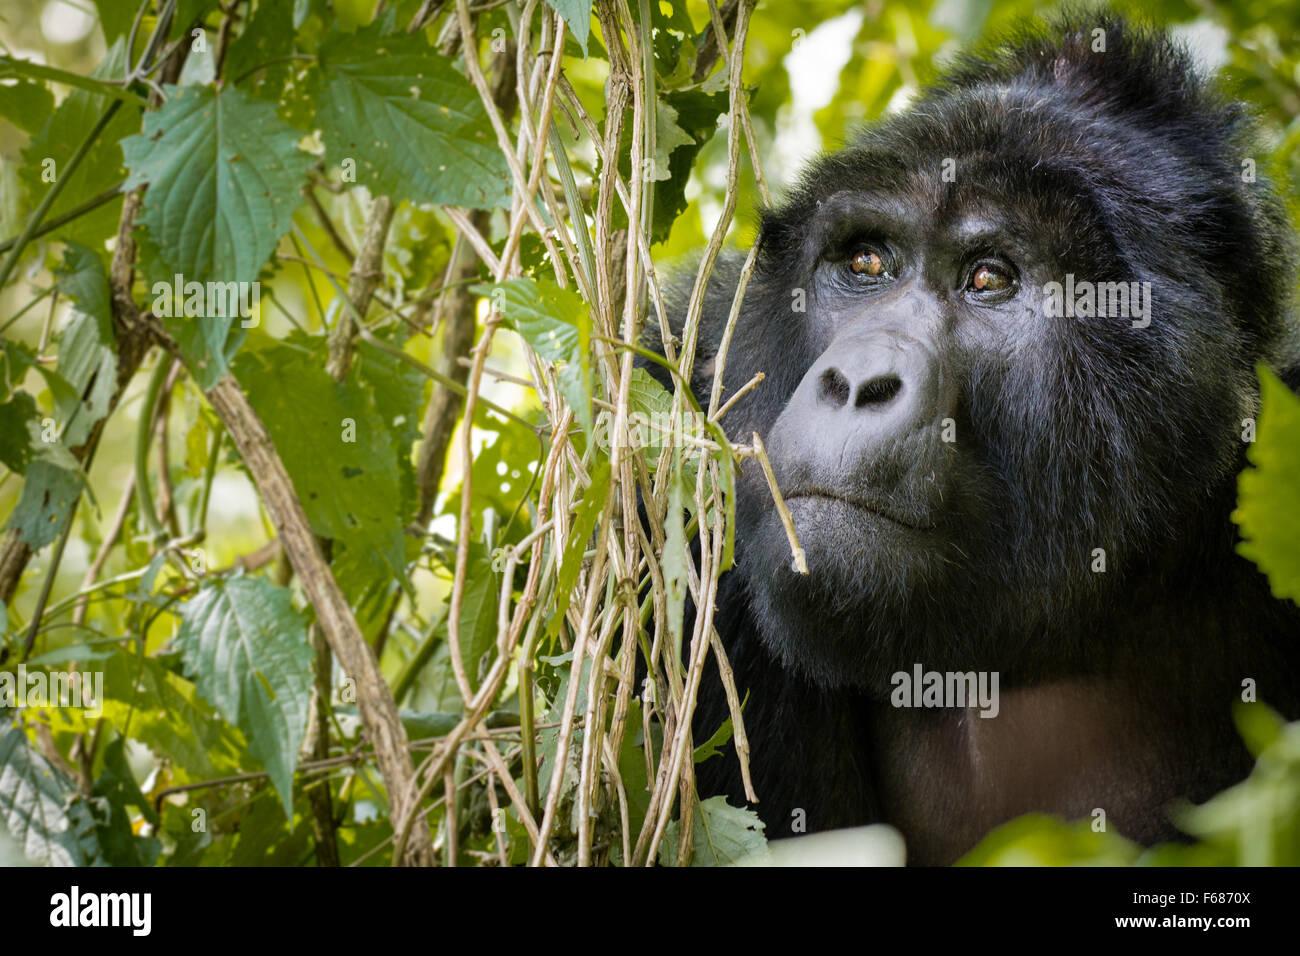 Un gorilla di montagna si nasconde dietro nella giungla in Uganda Africa. Immagini Stock